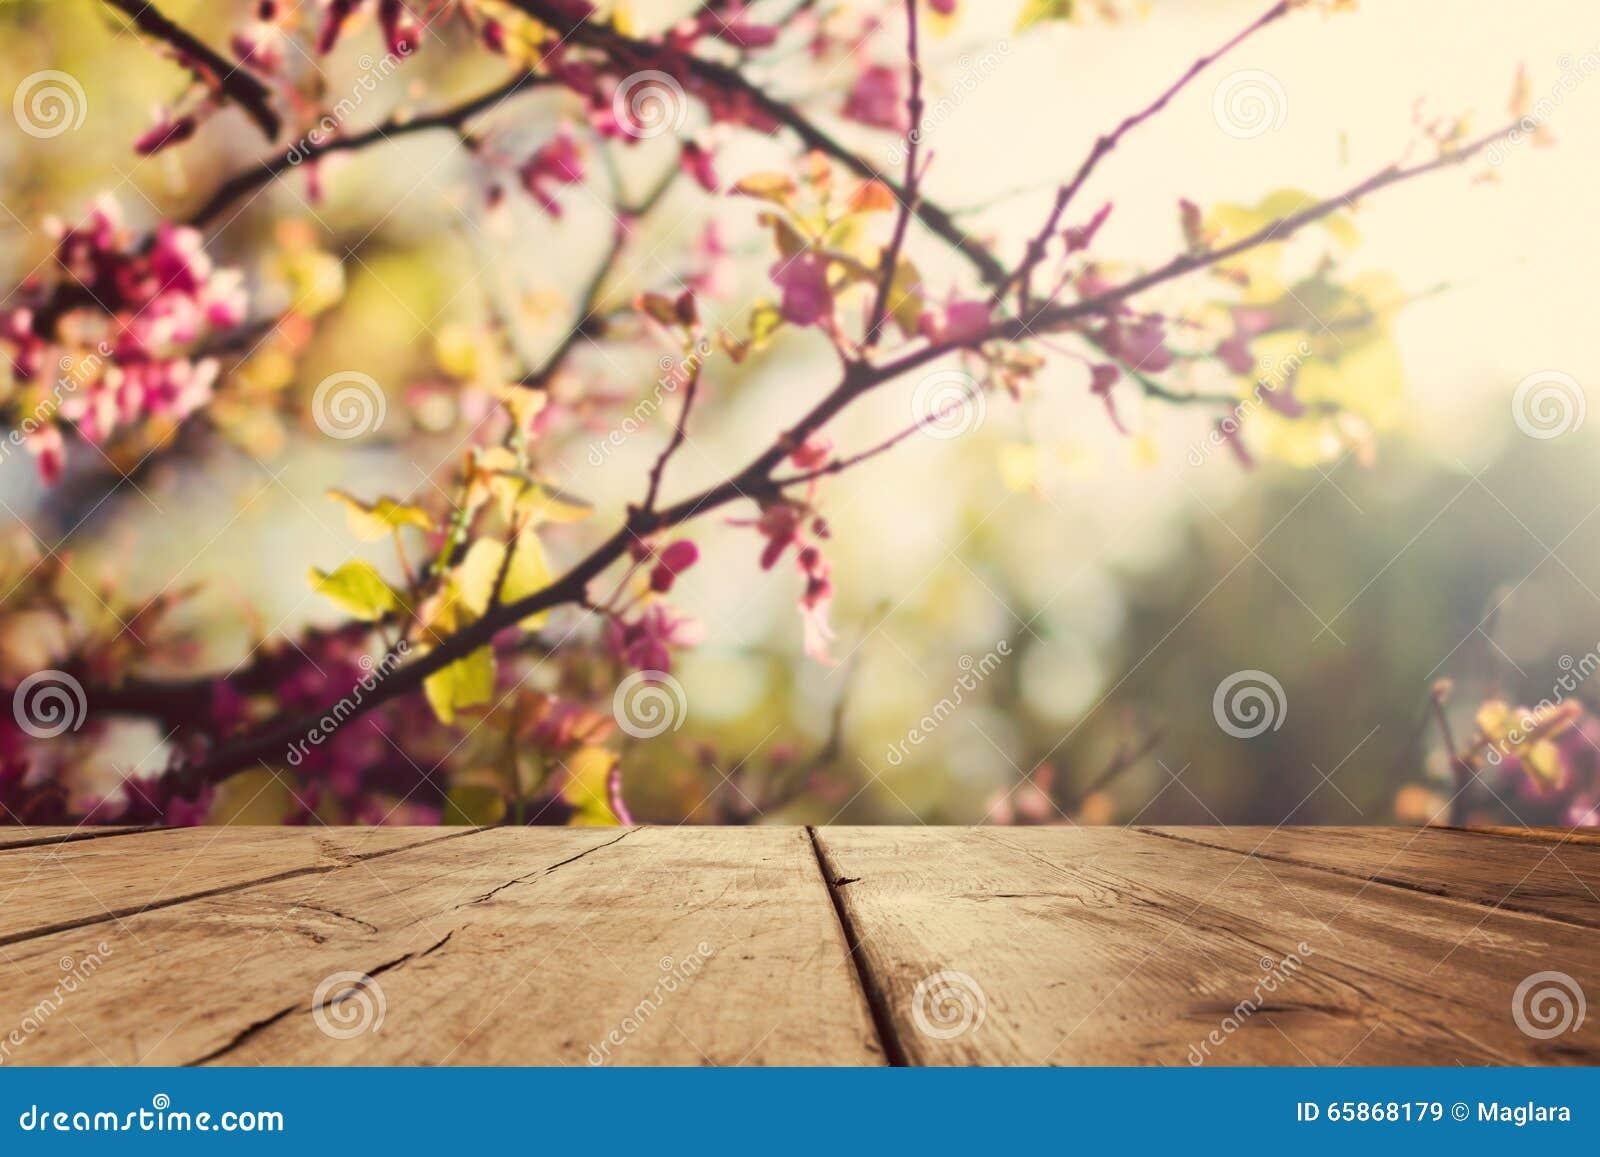 Lege houten uitstekende lijstraad over de achtergrond van de de lentebloesem bokeh